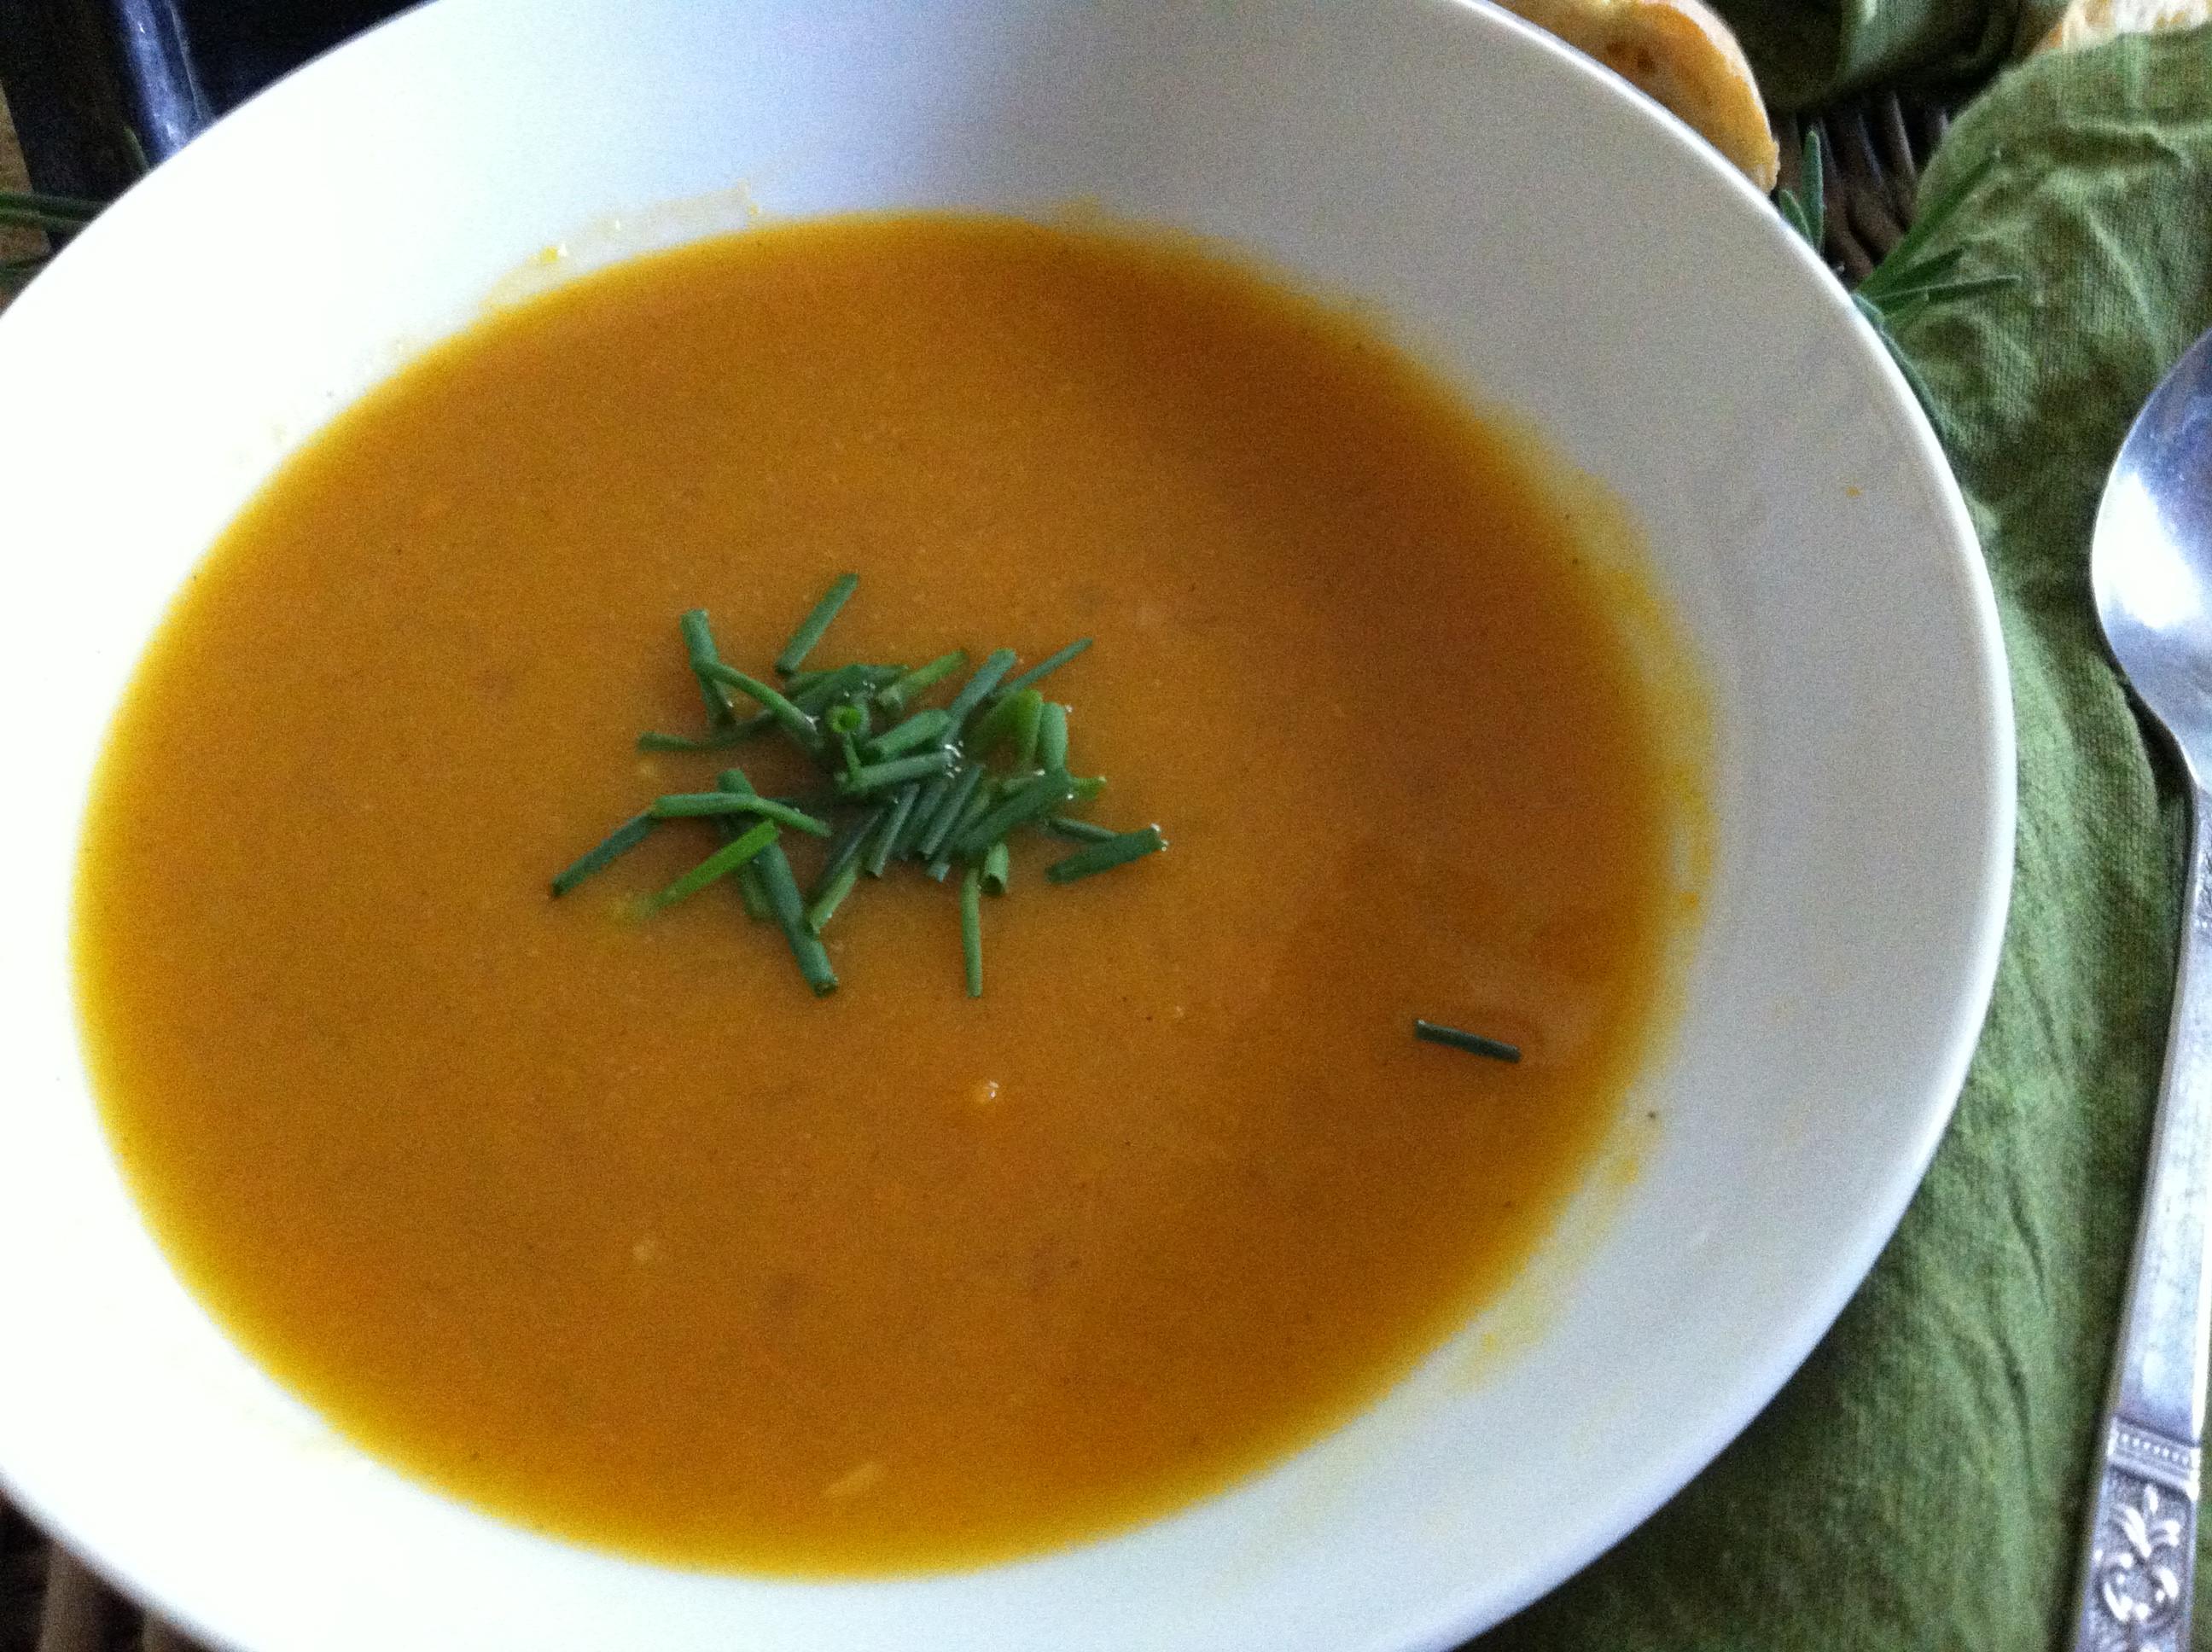 Risotto With Butternut Squash And Allspice Recipes — Dishmaps